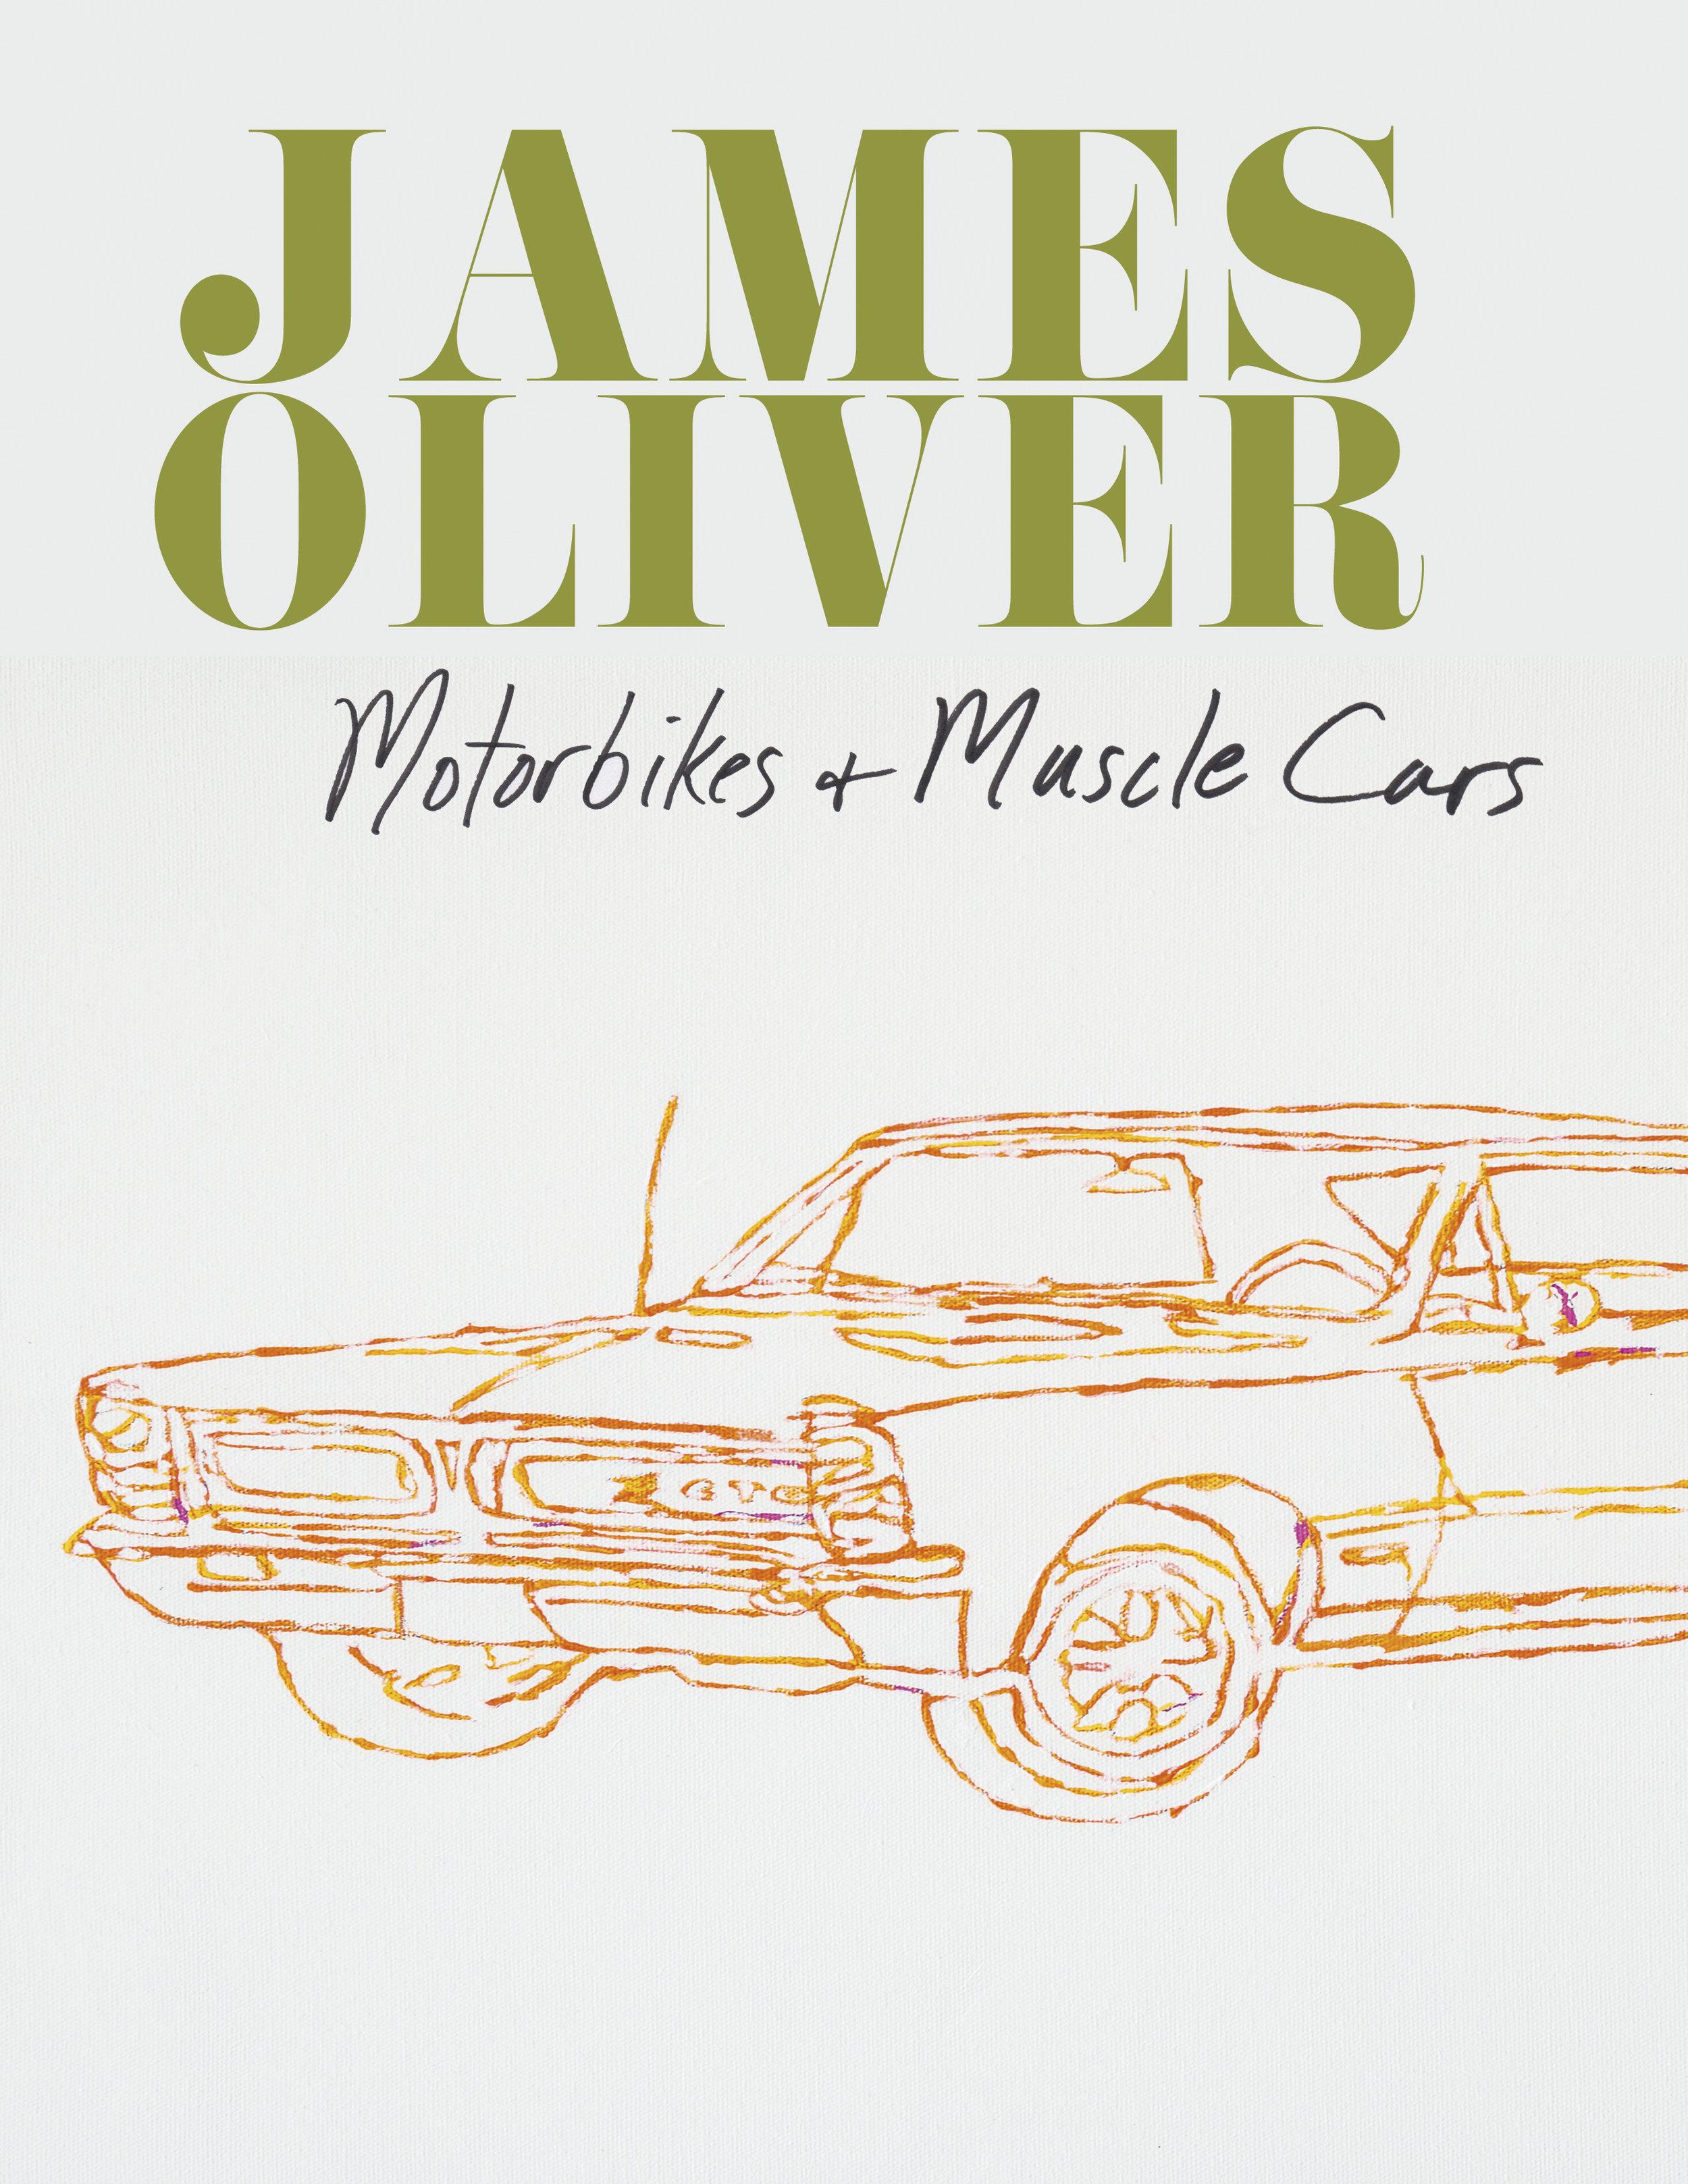 James Oliver Catalogue Cover rgb.jpg